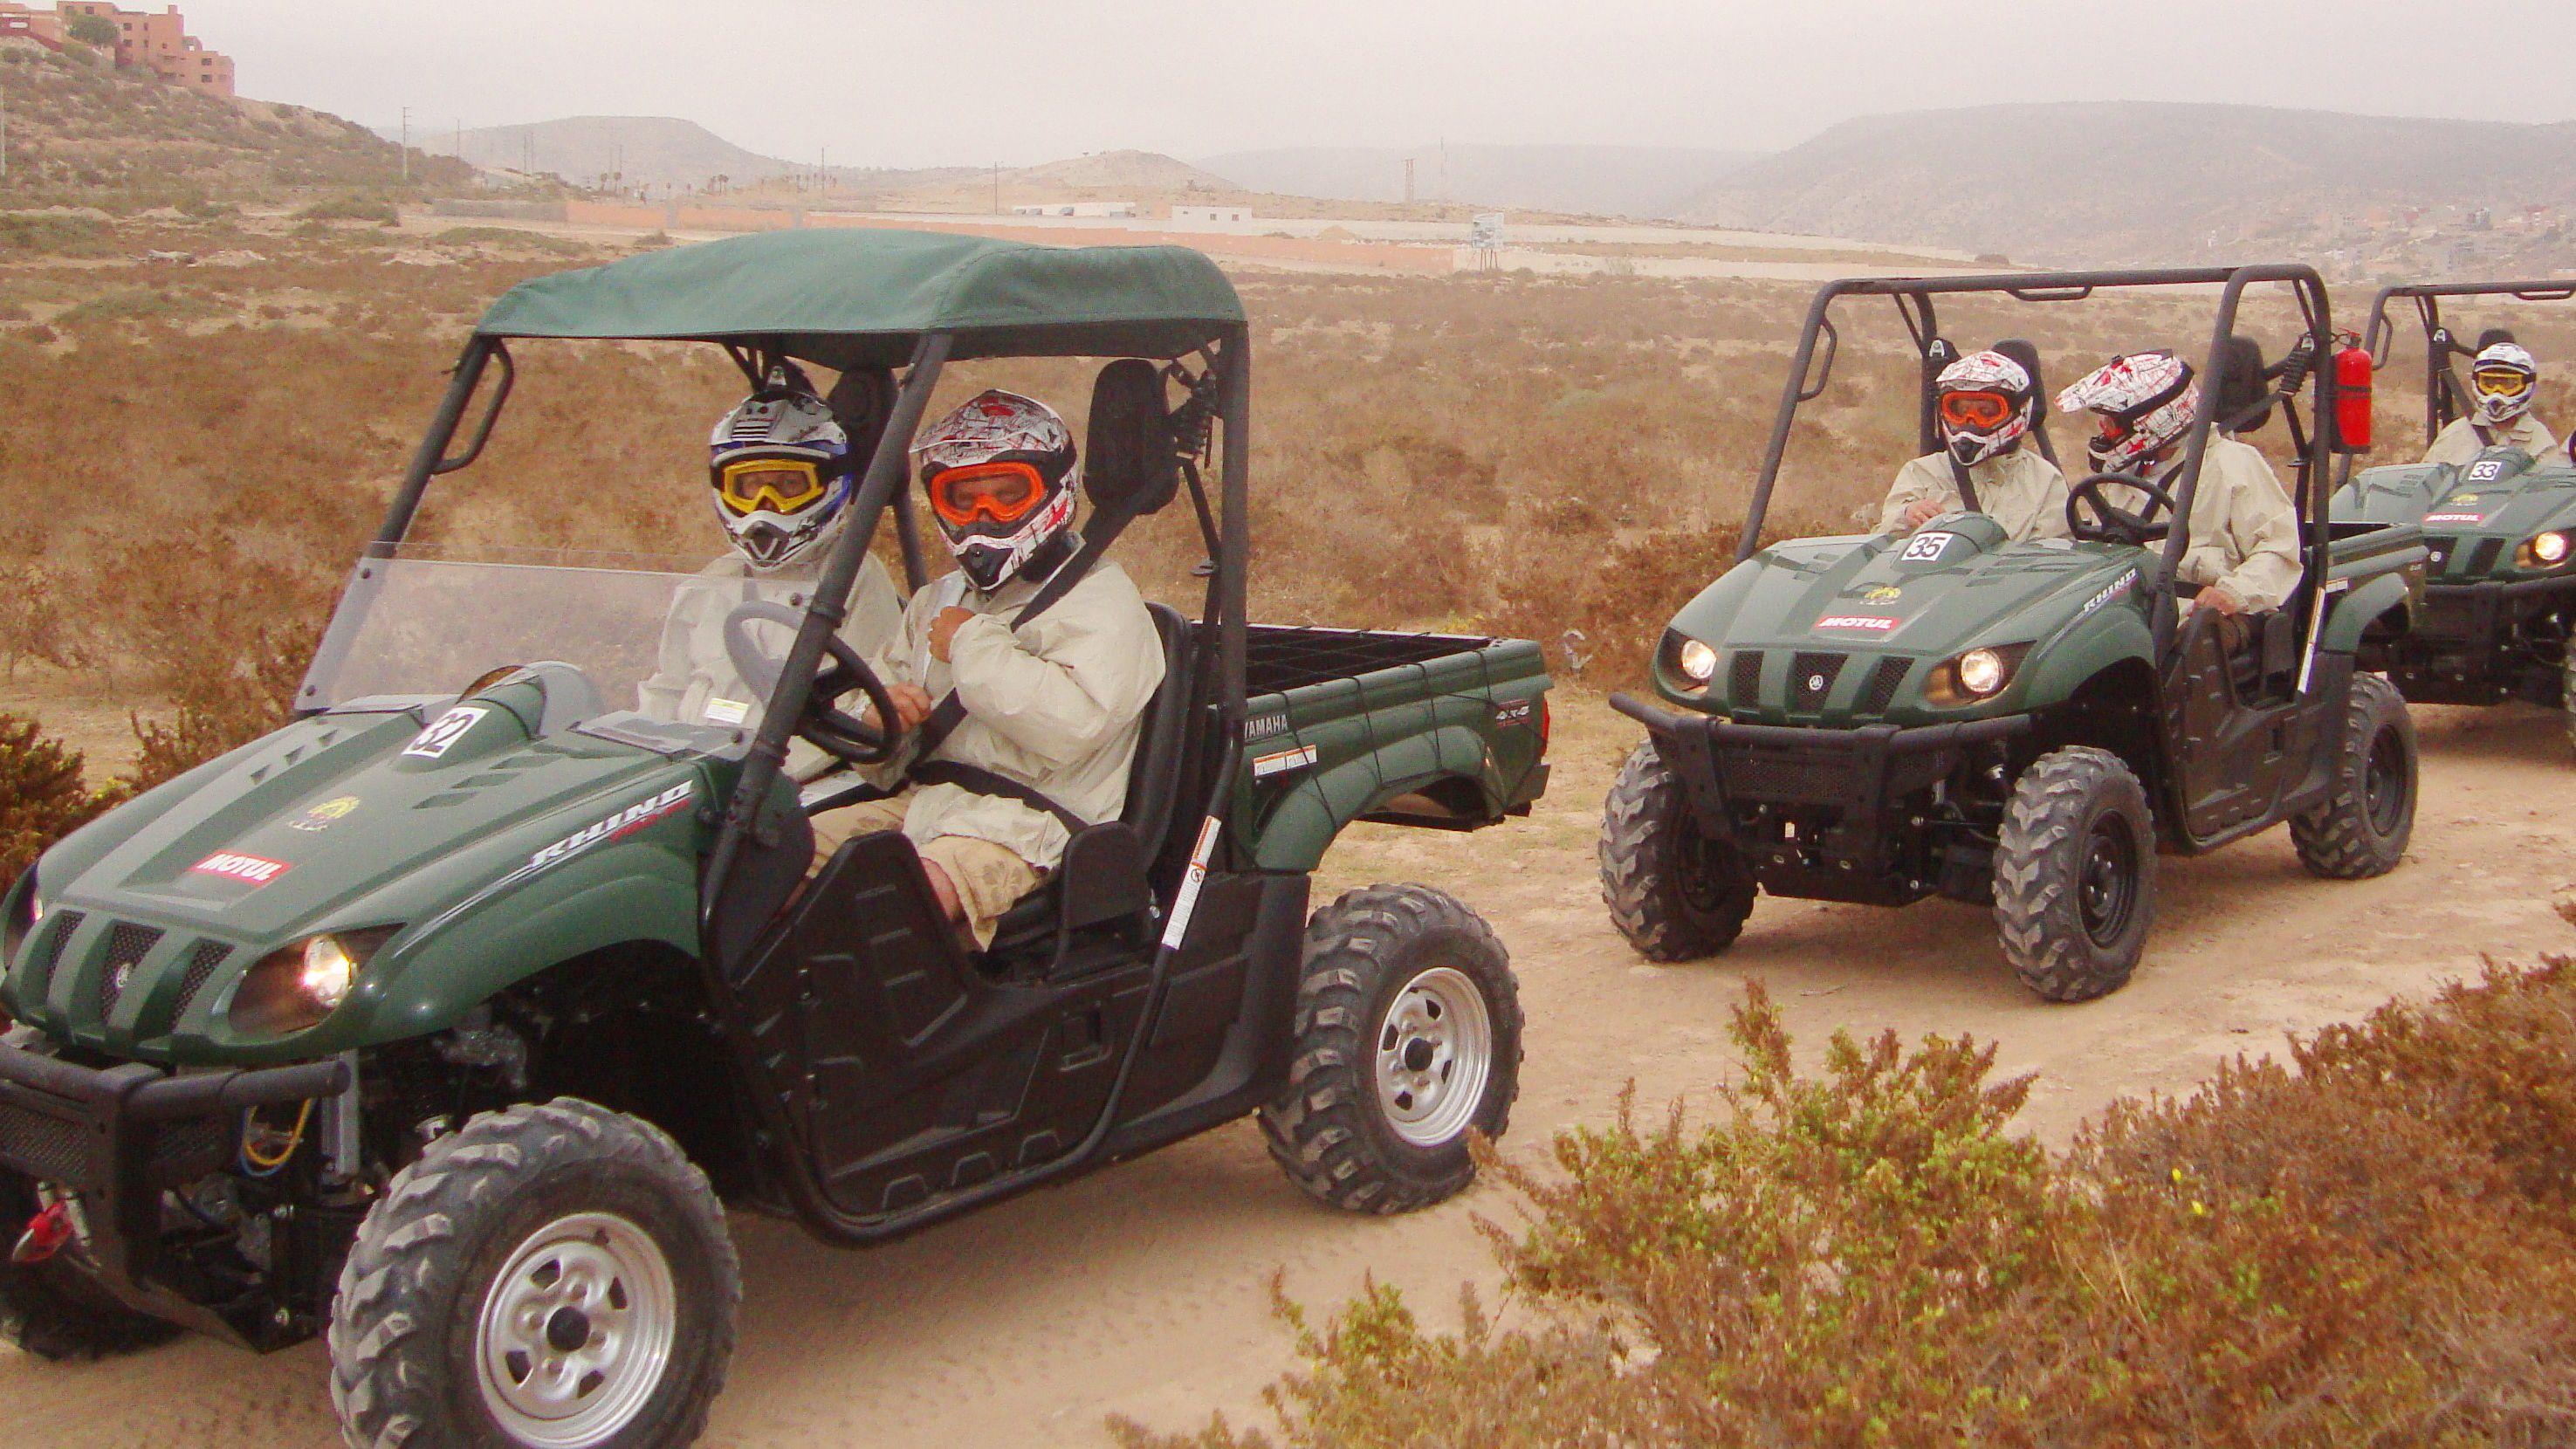 Dune buggy group on a sandy path in Agadir